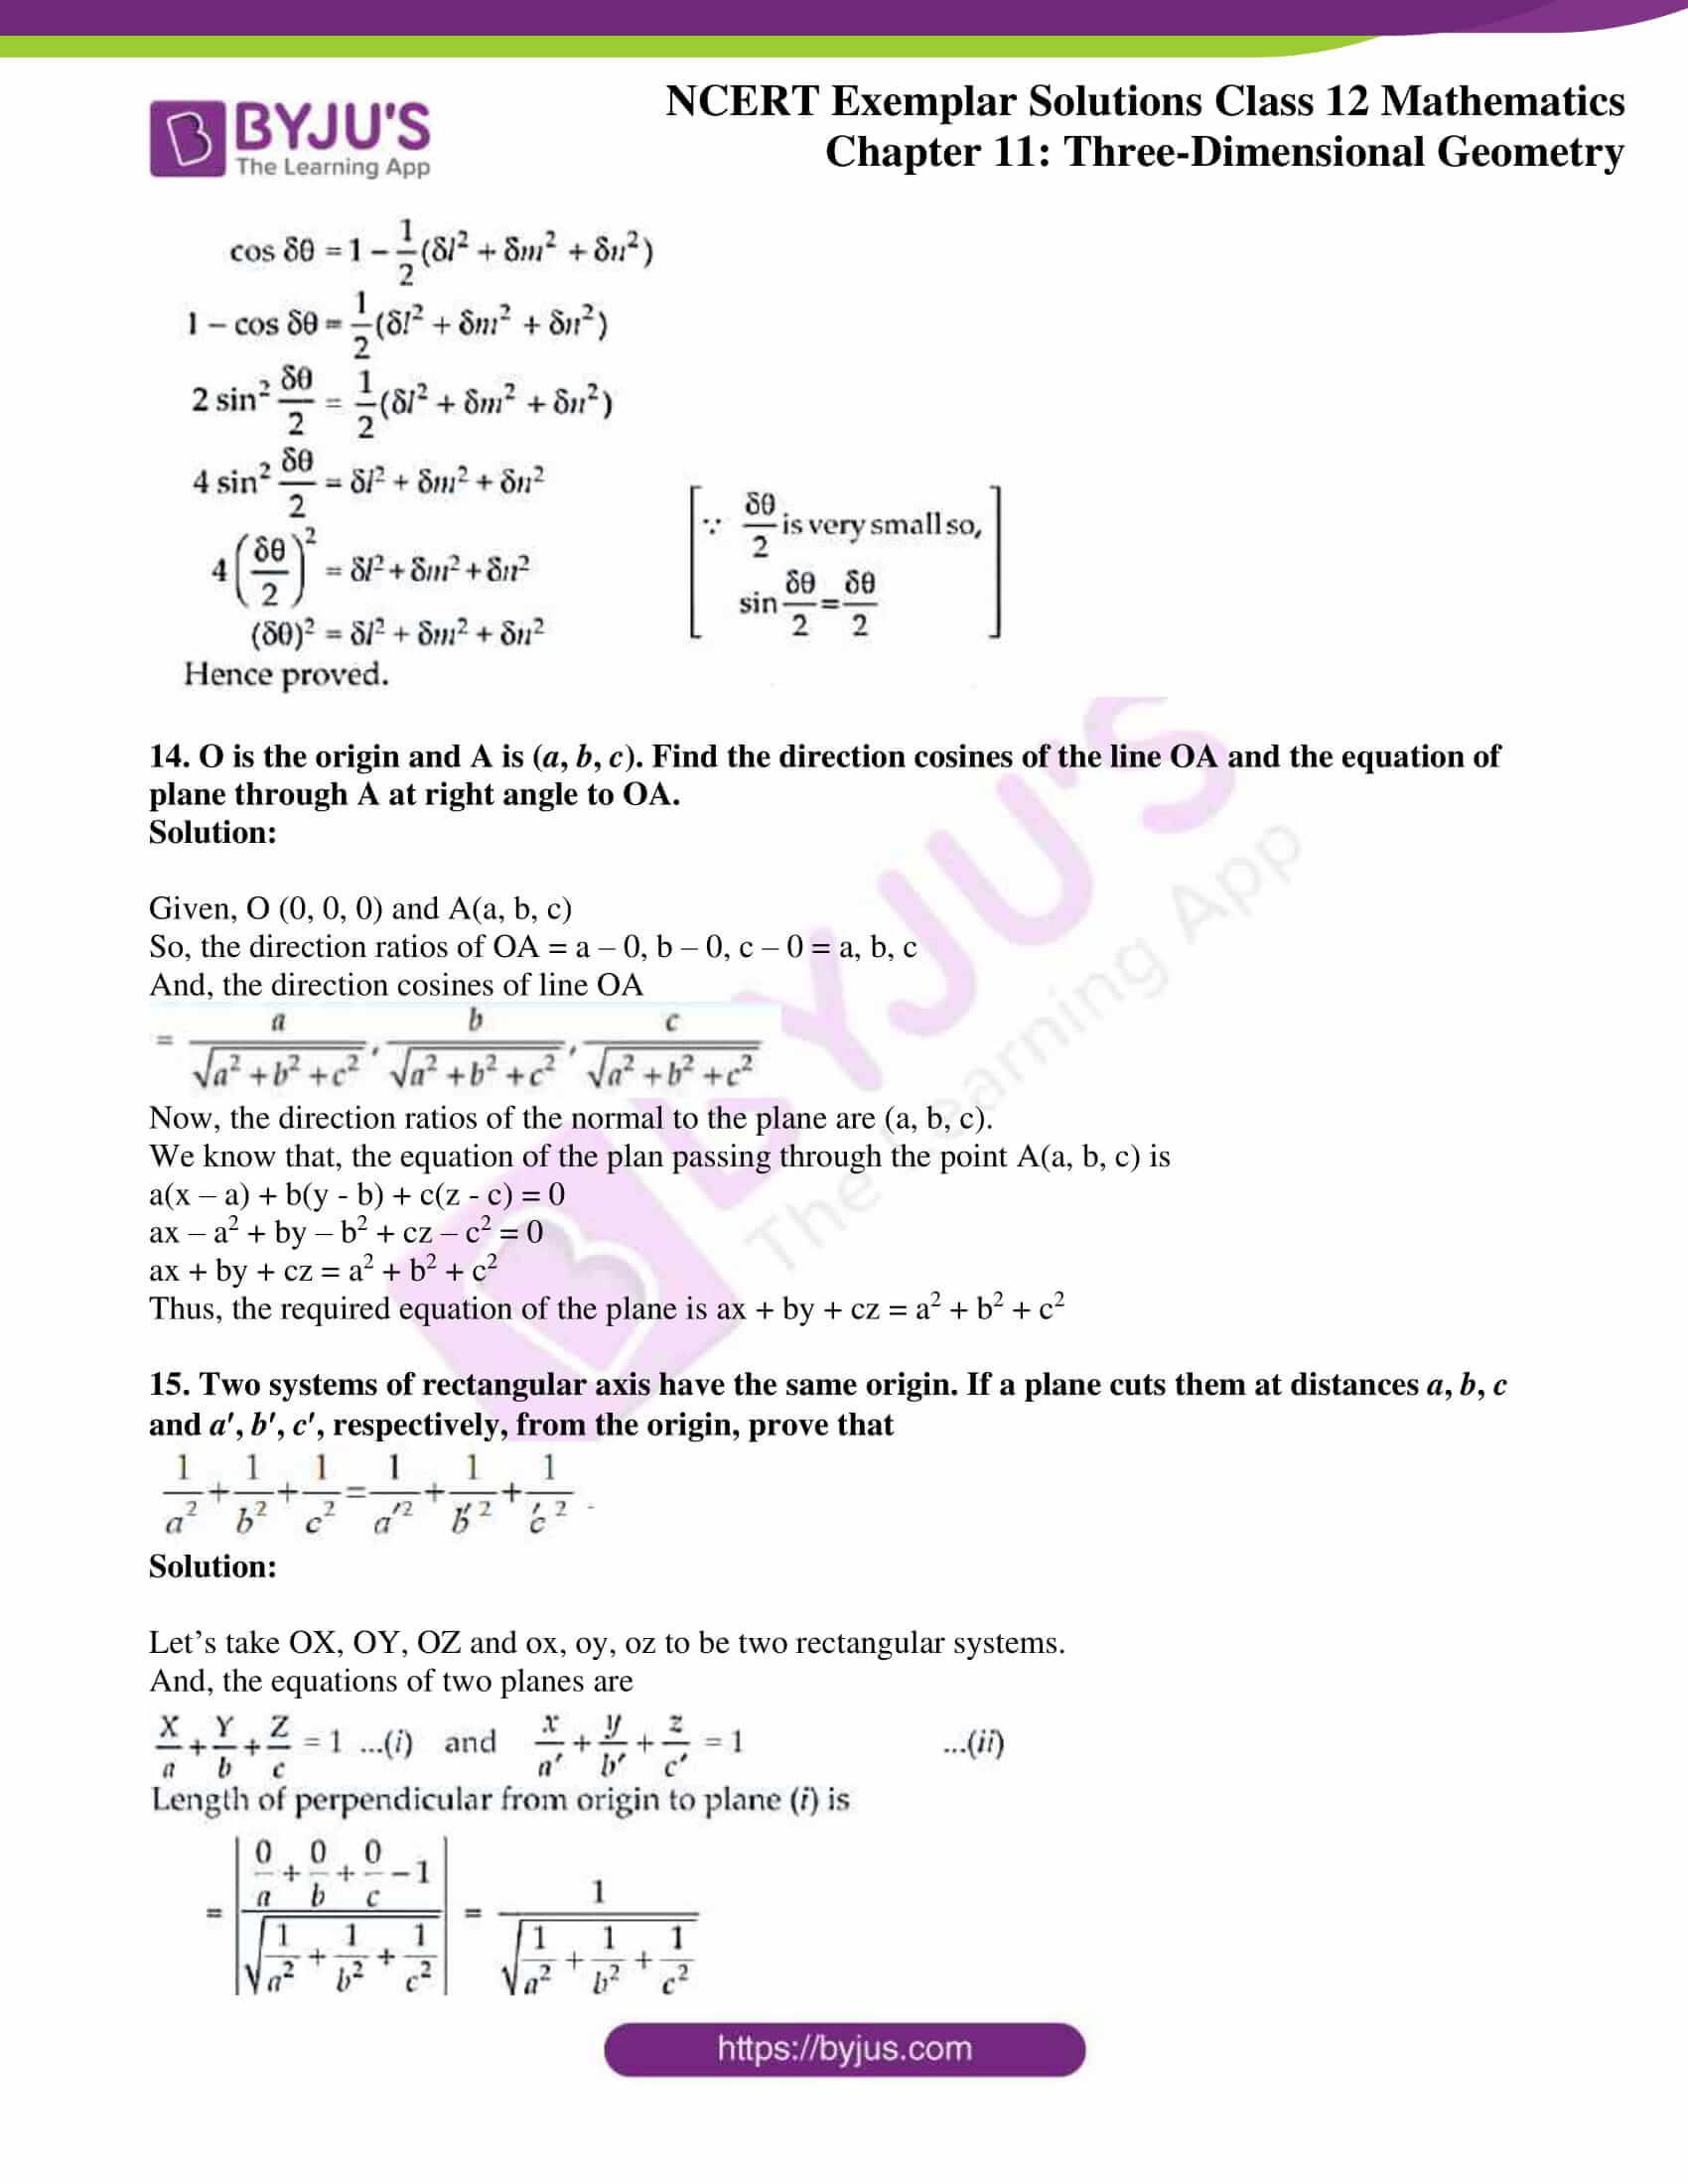 ncert exemplar sol class 12 mathematics ch 11 08